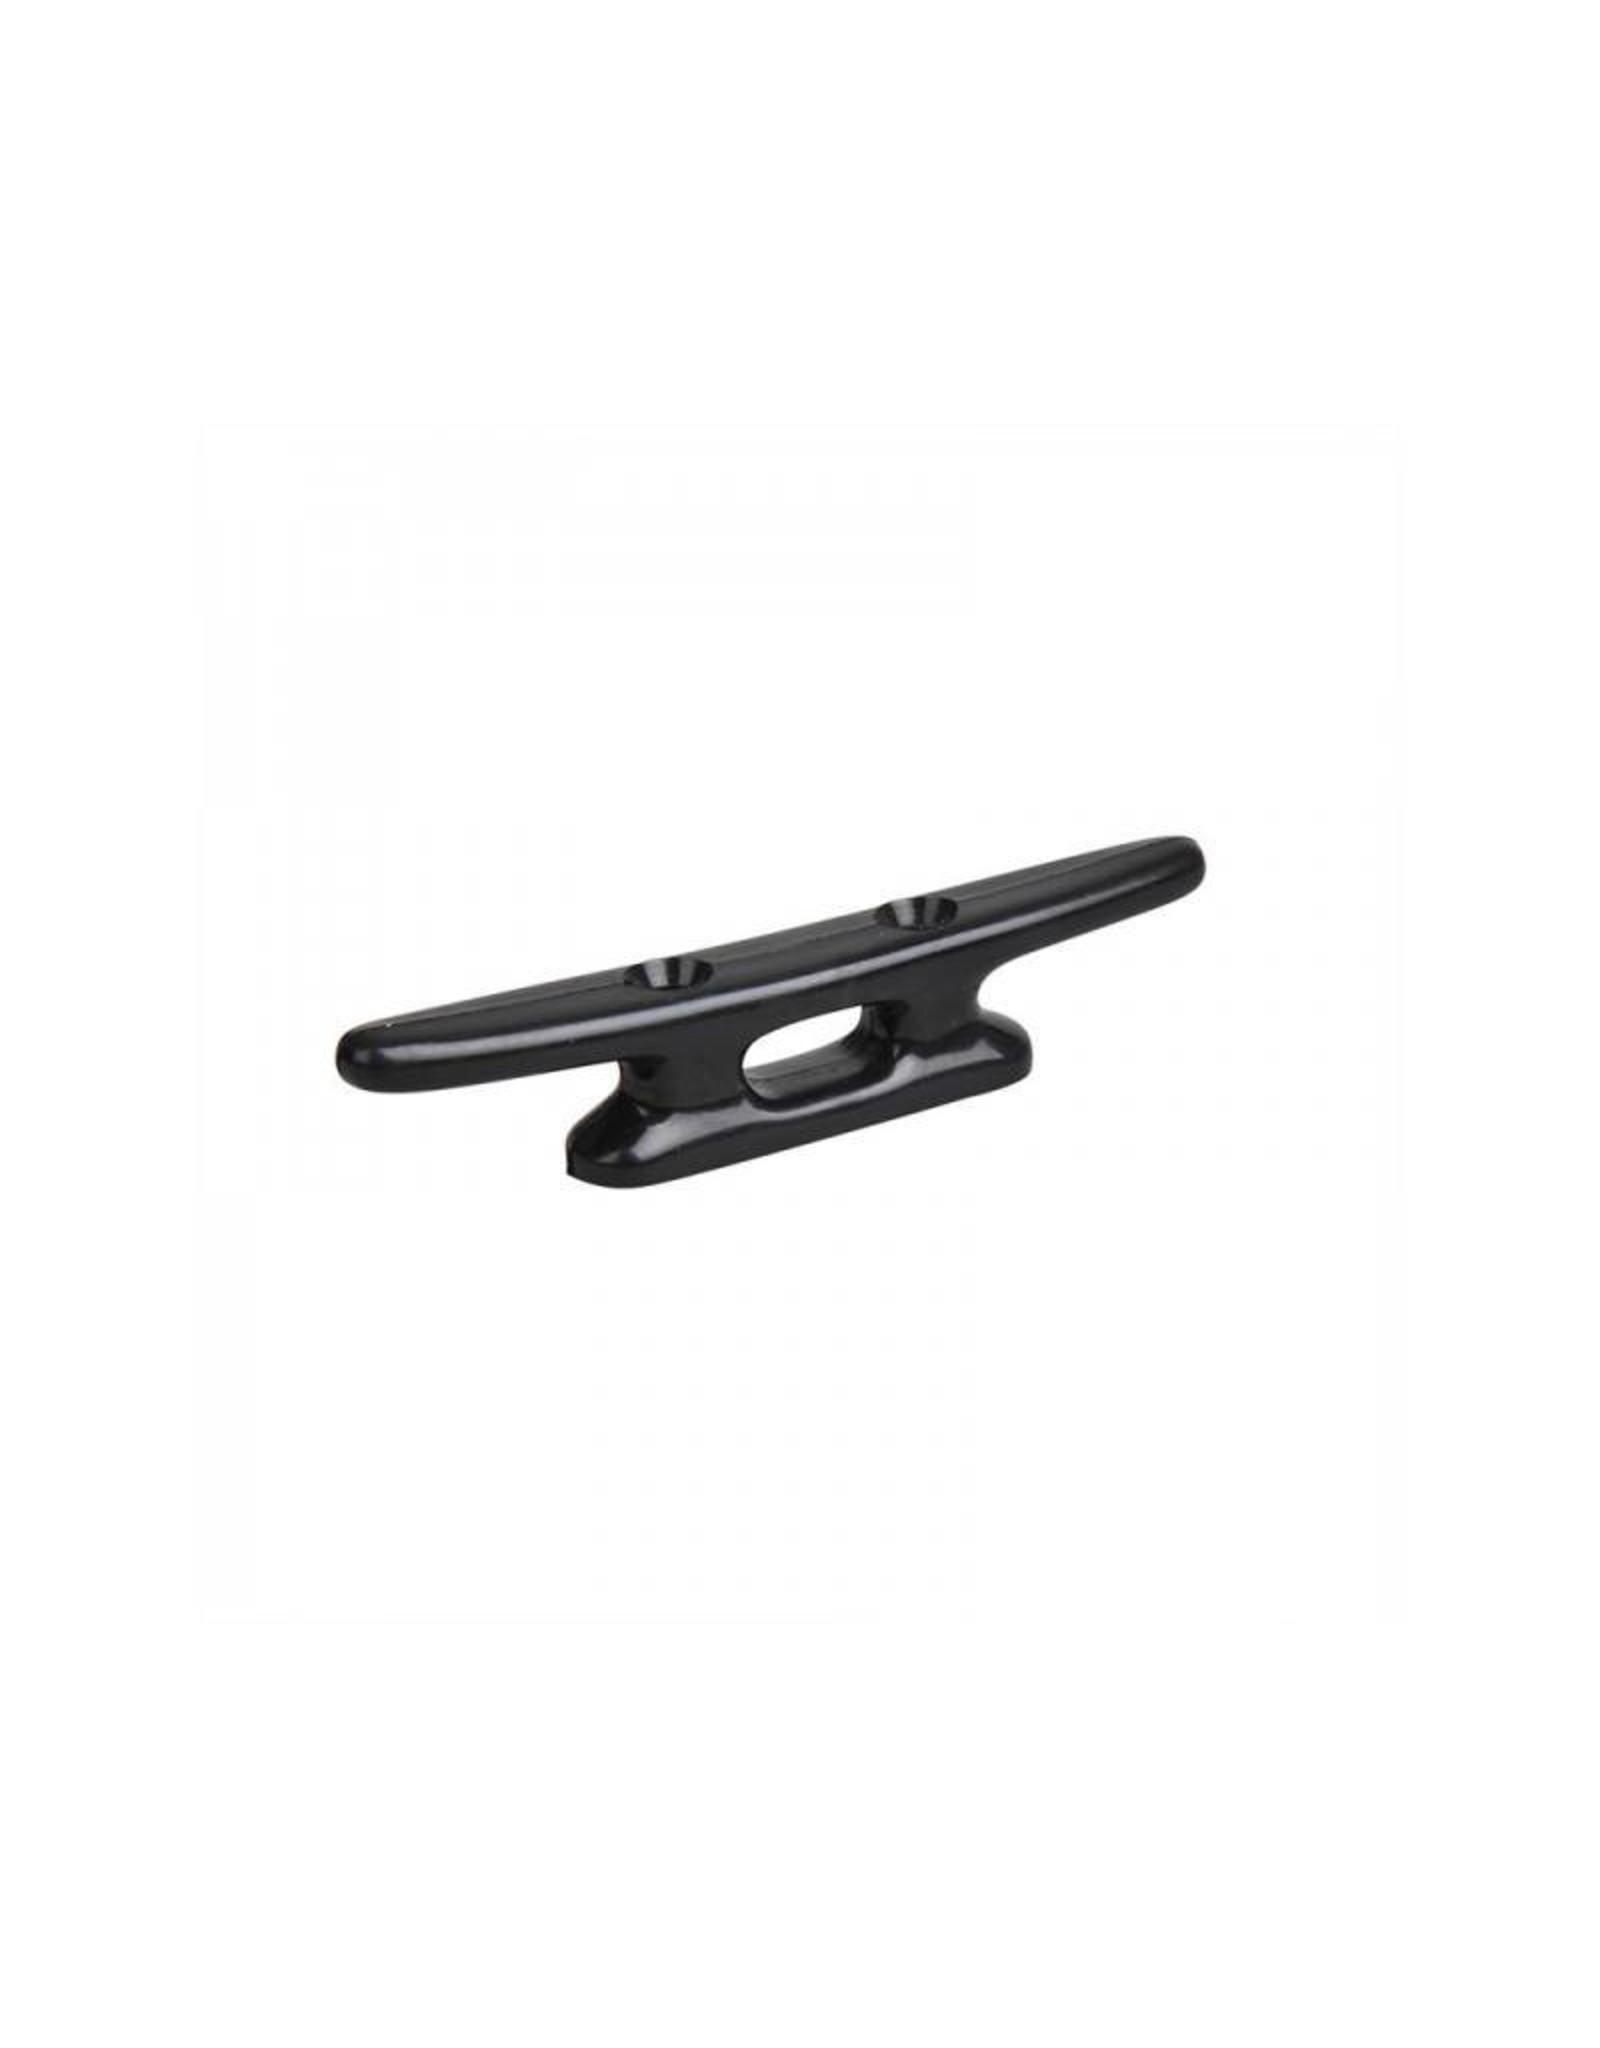 Kikker kunststof 100mm, zwart